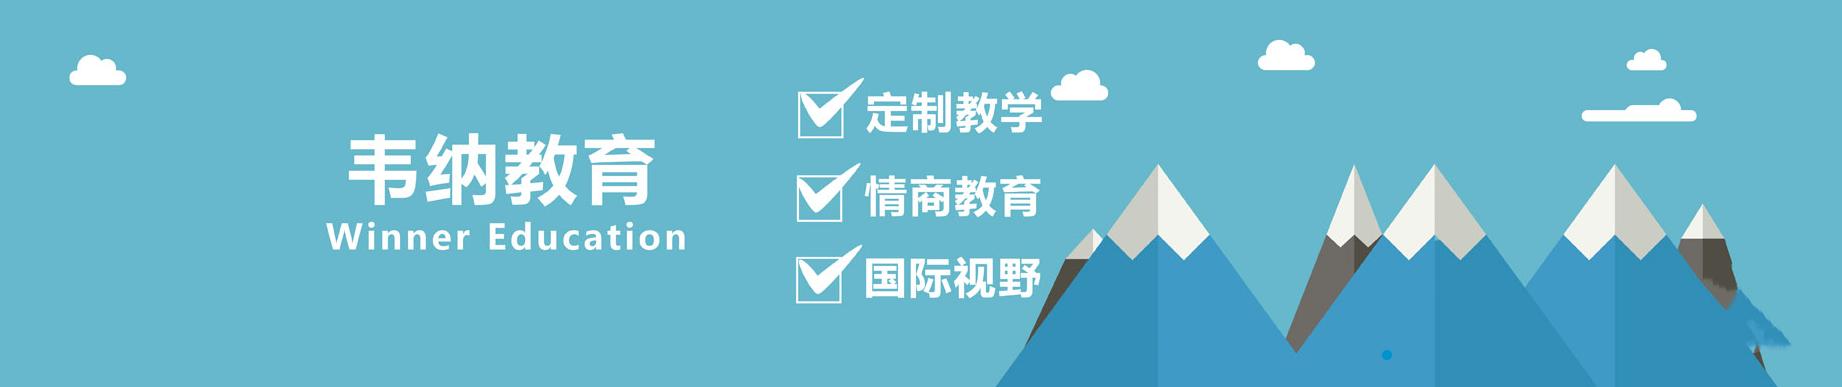 深圳龙岗区韦纳教育机构